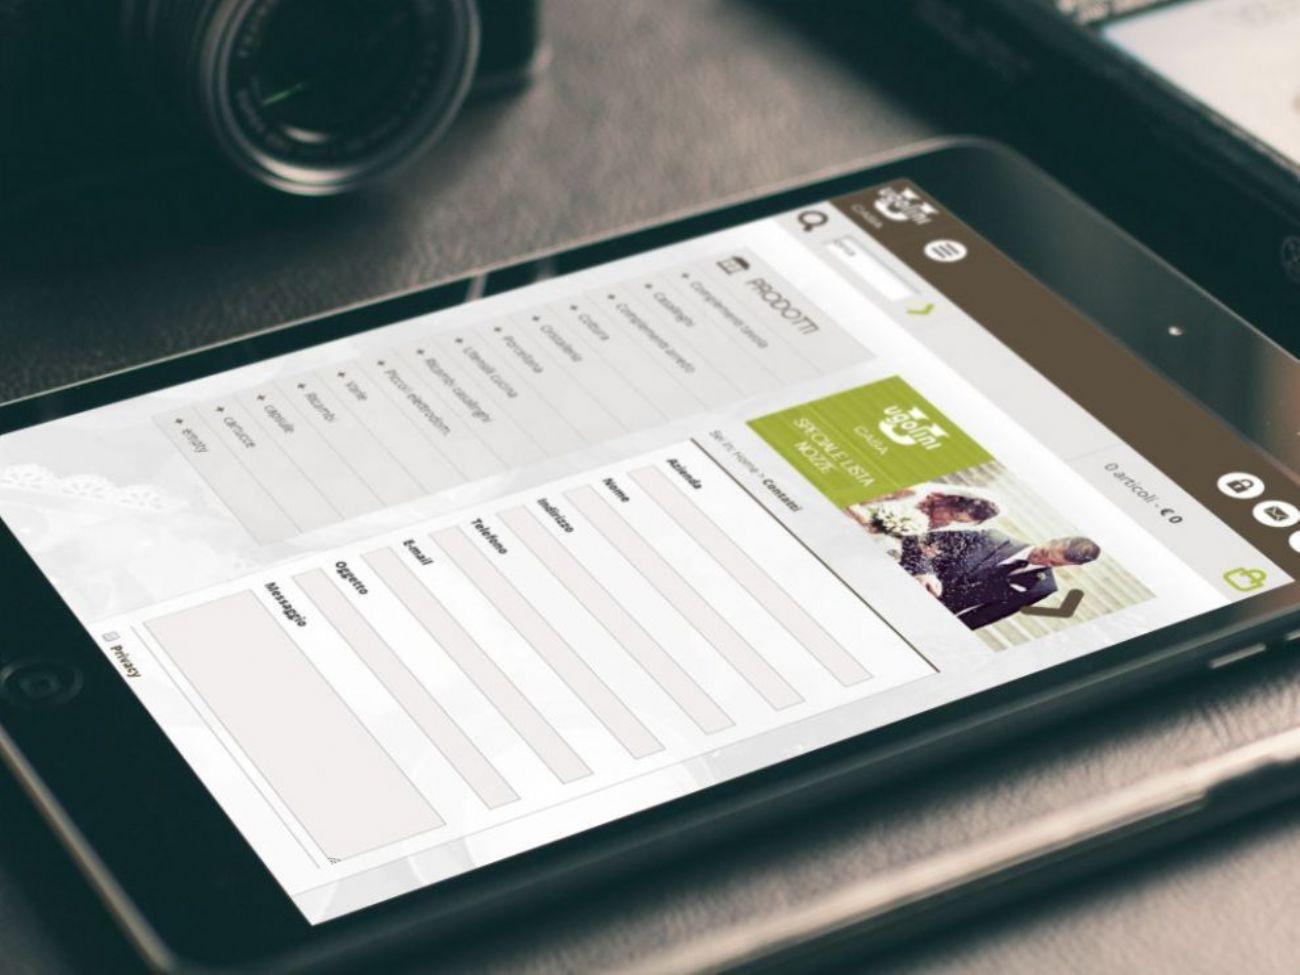 Sito e-commerce integrato EasyFatt